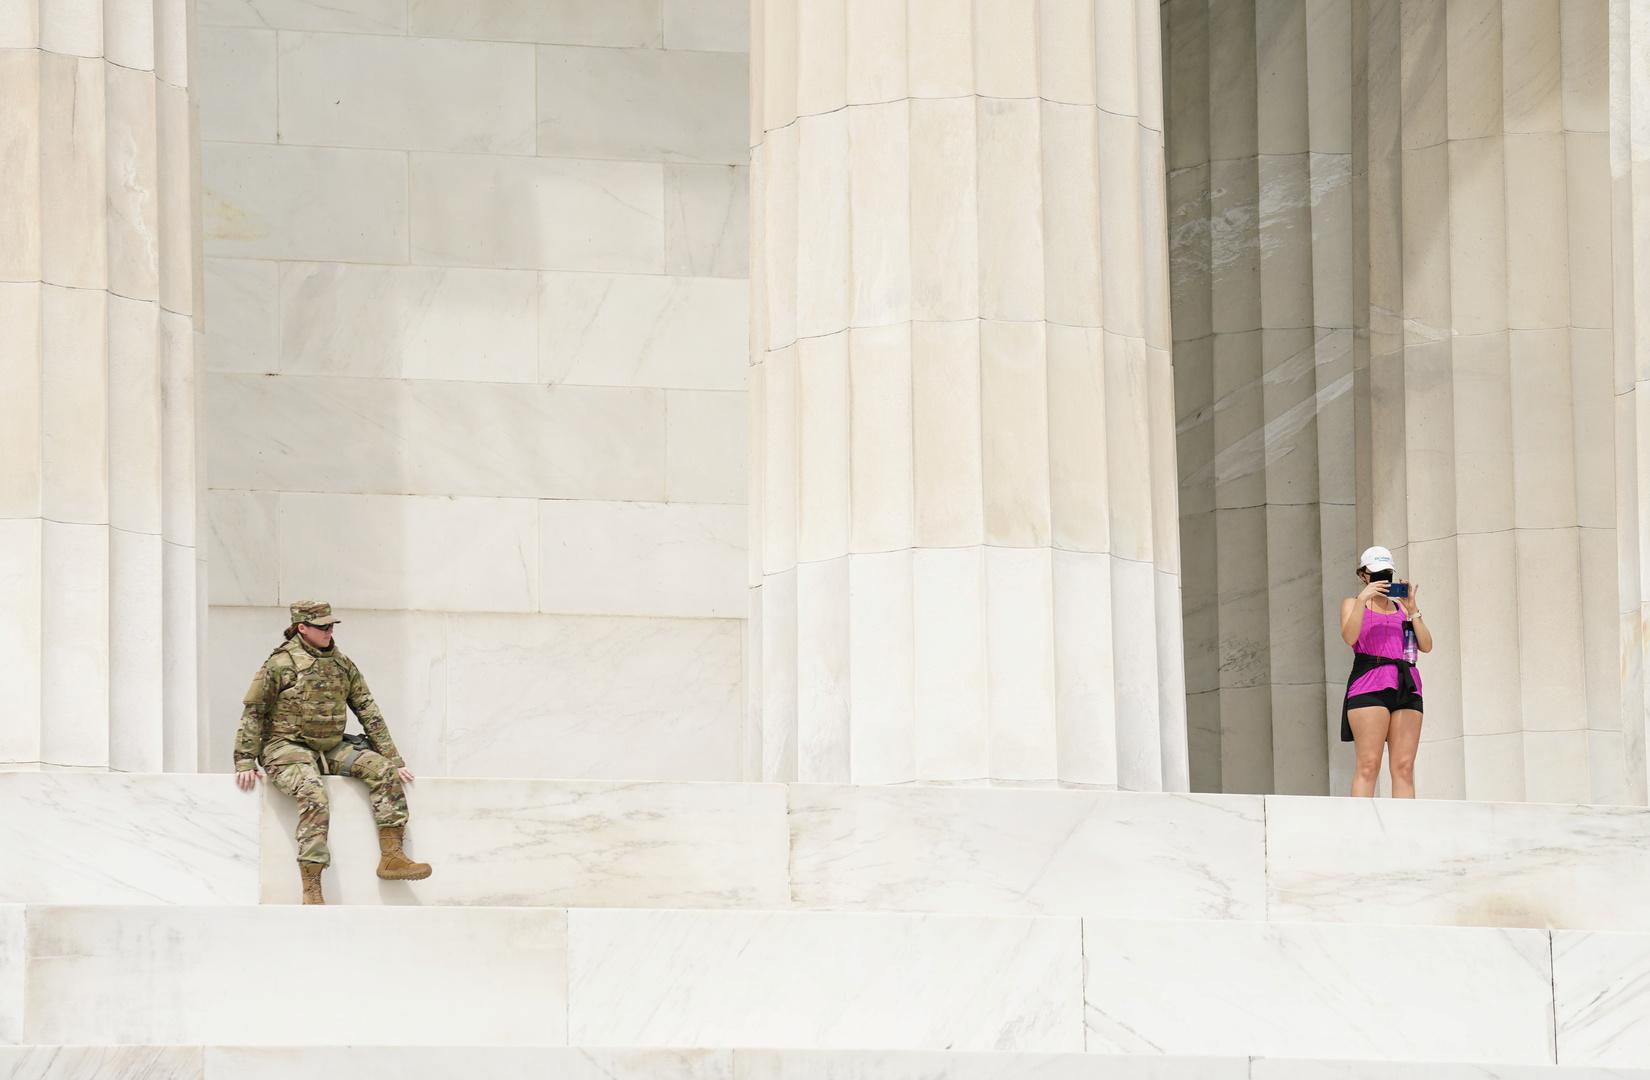 في الولايات المتحدة يسحبون الجيش من المدن: فشل رهان ترامب على العسكر